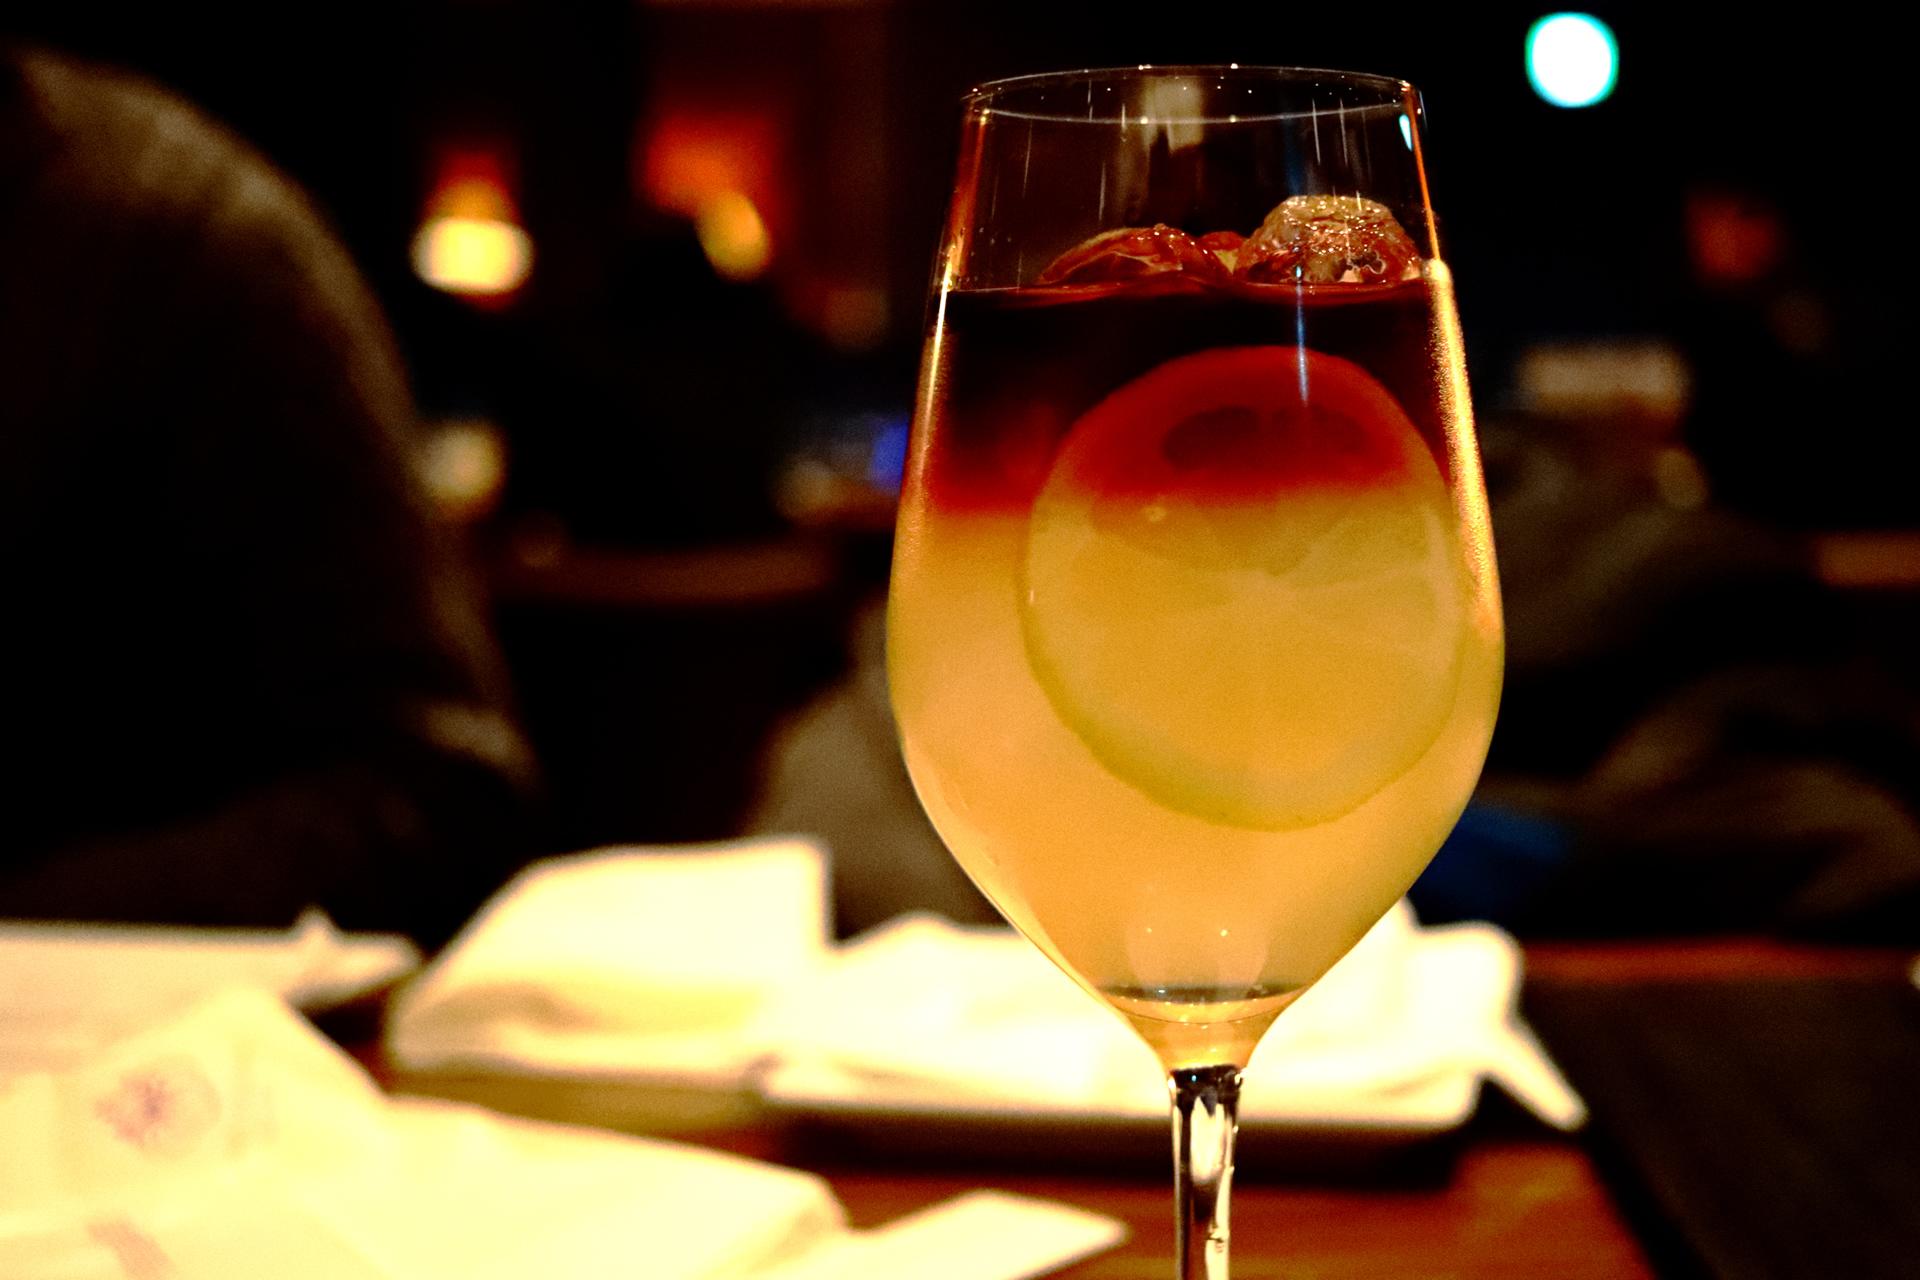 アメリカン・レモネード(赤ワインベースのカクテル、赤ワイン3:レモンジュース 4等)